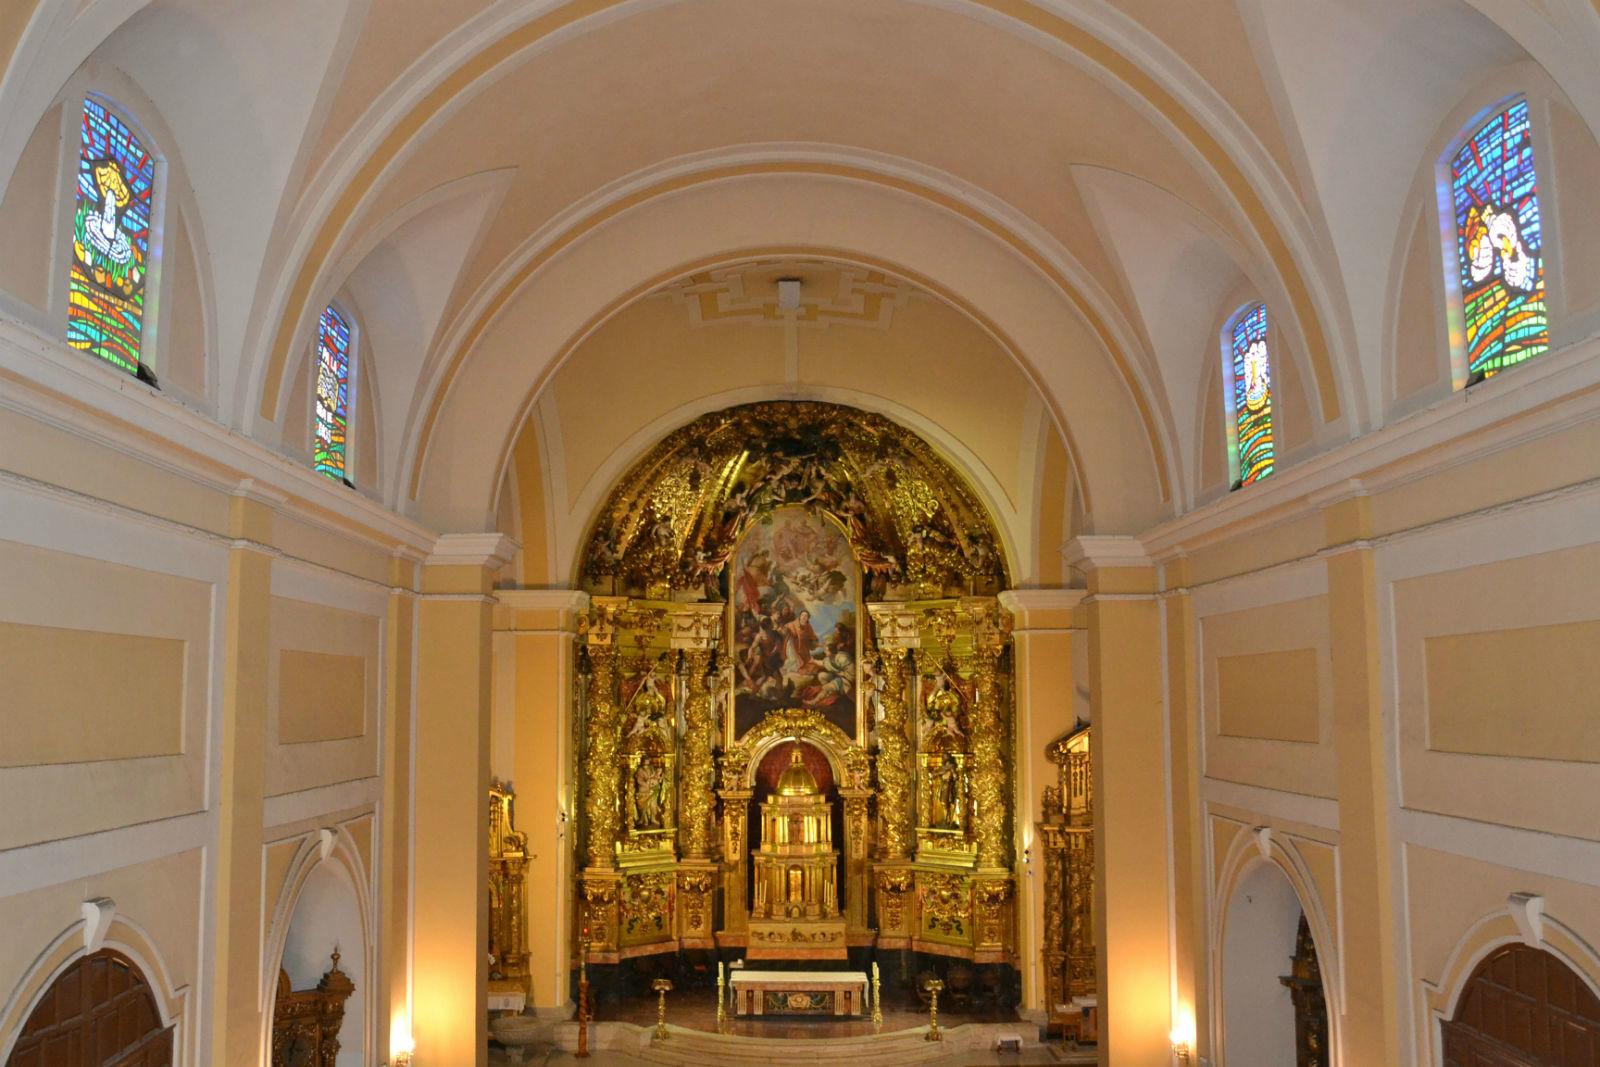 parroquia-san-esteban-portomartir-fuenlabrada-interior